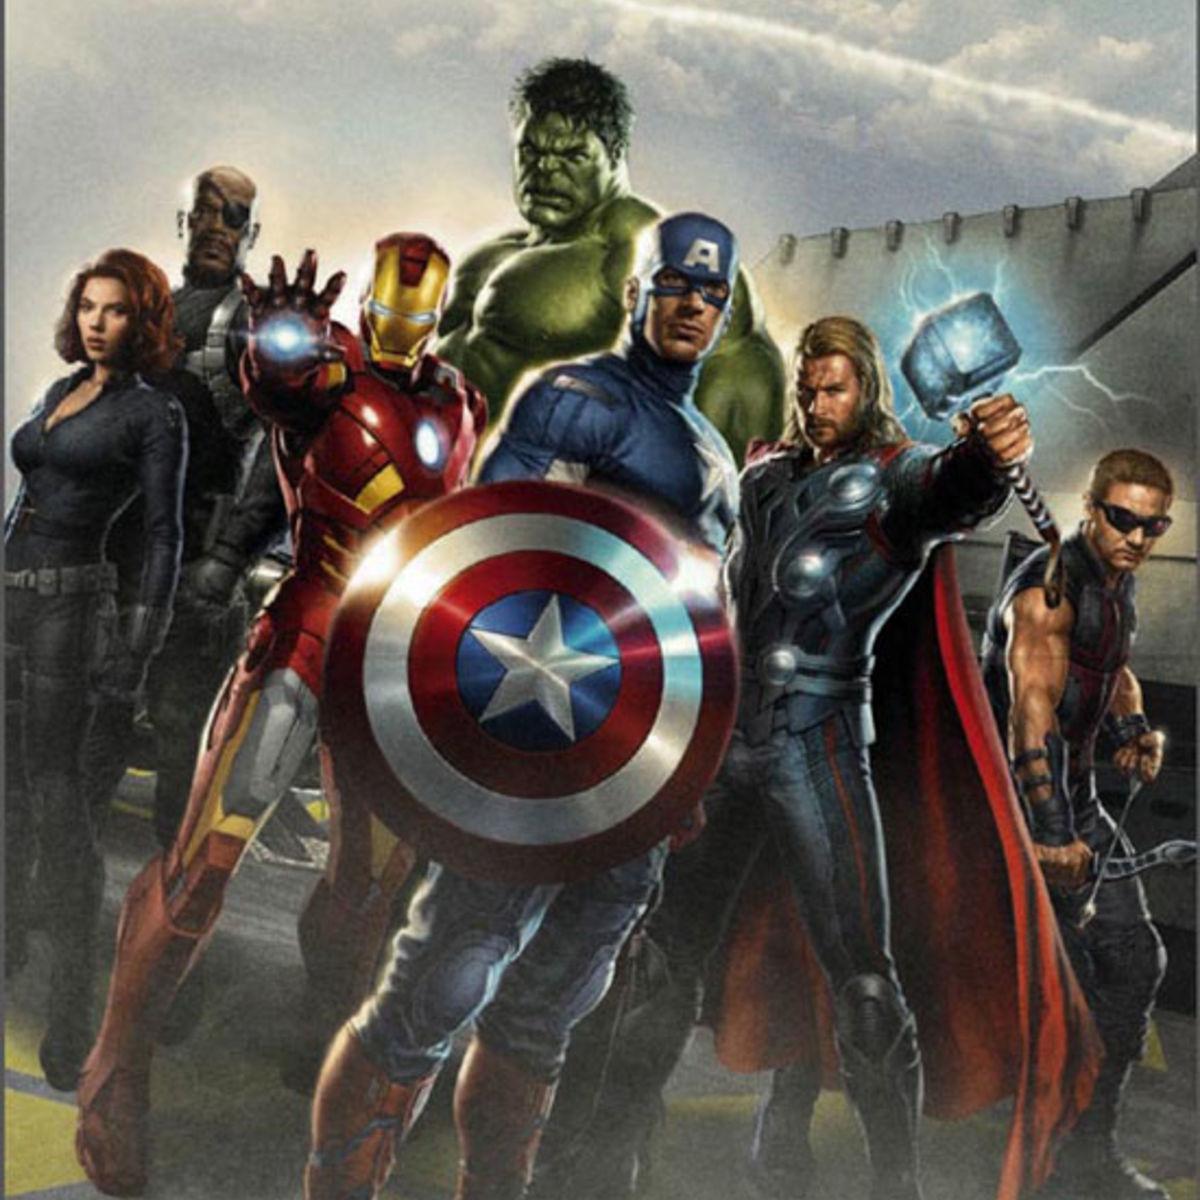 Avengers082611.jpg